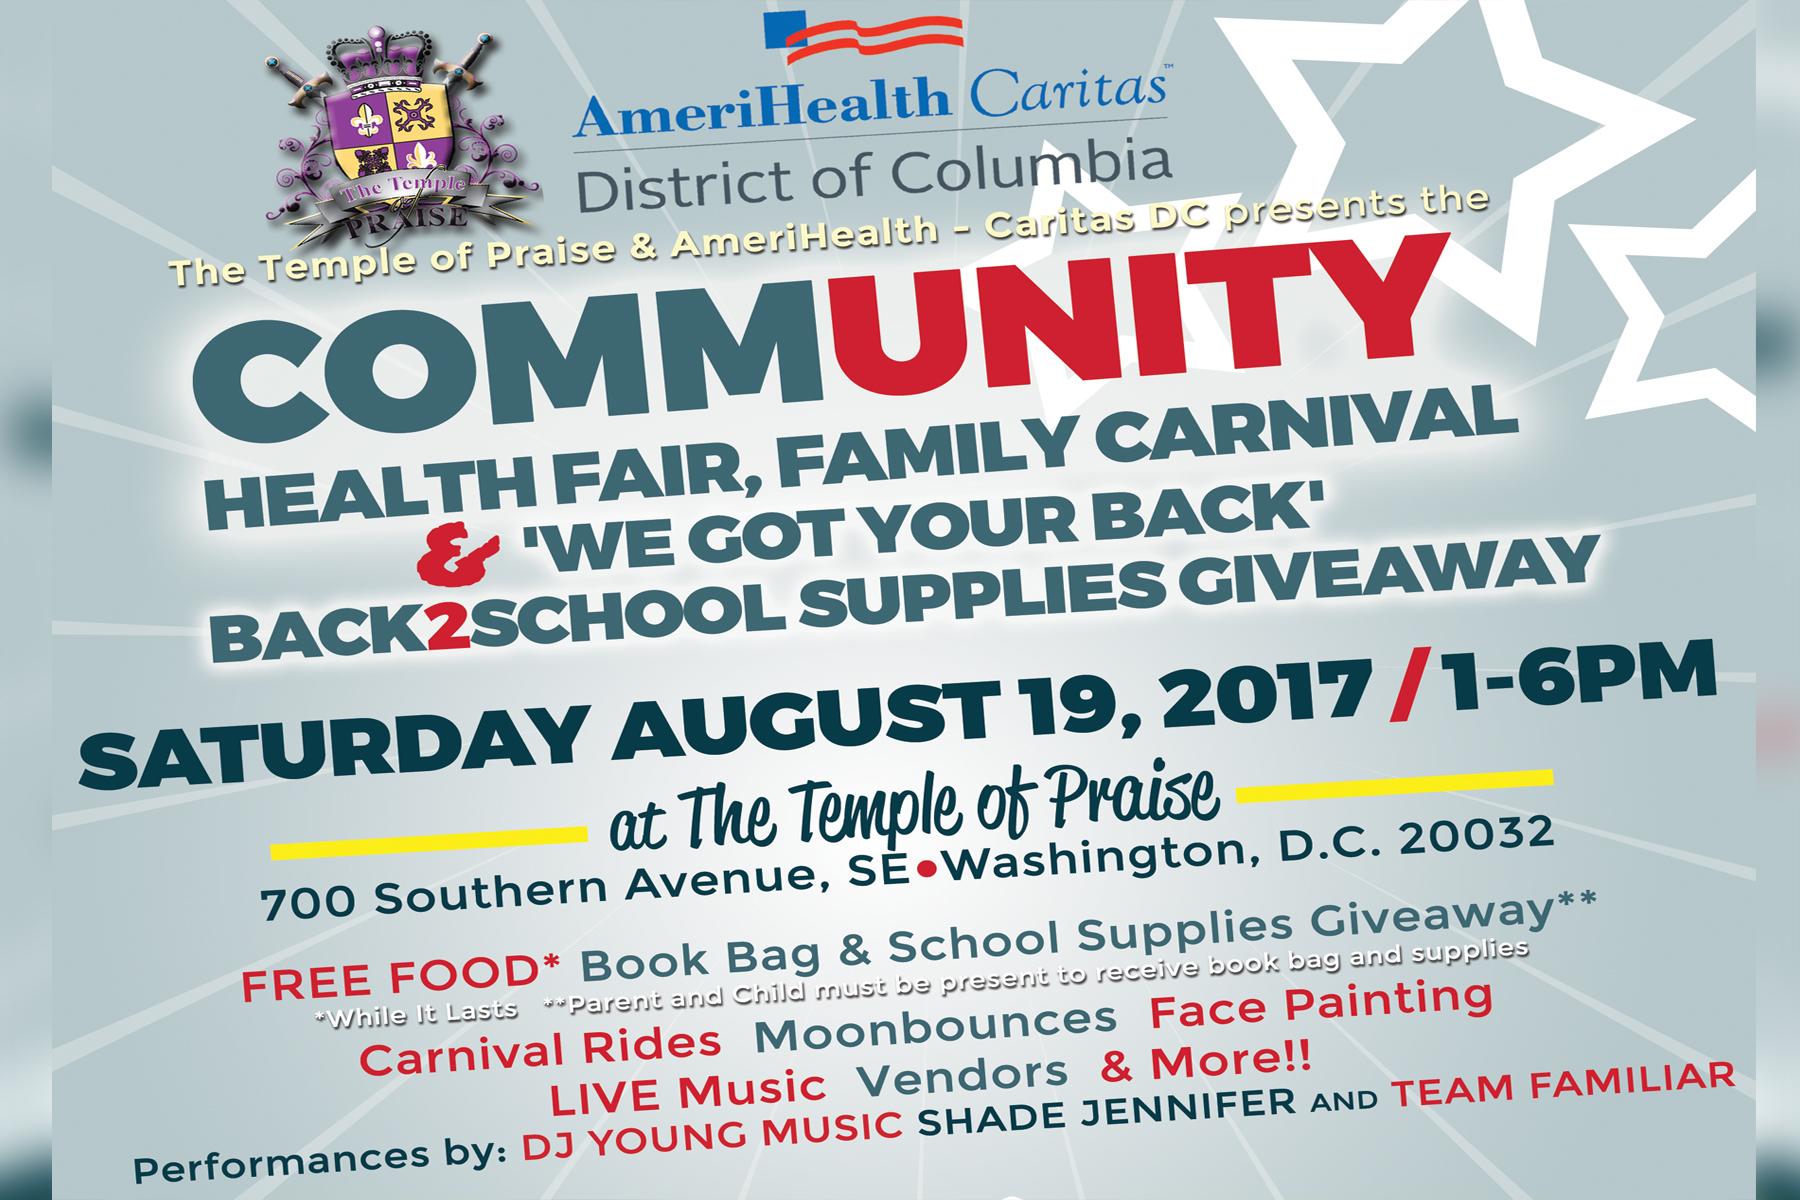 Amerihealth Caritas Community Health Fair, Carnival & More